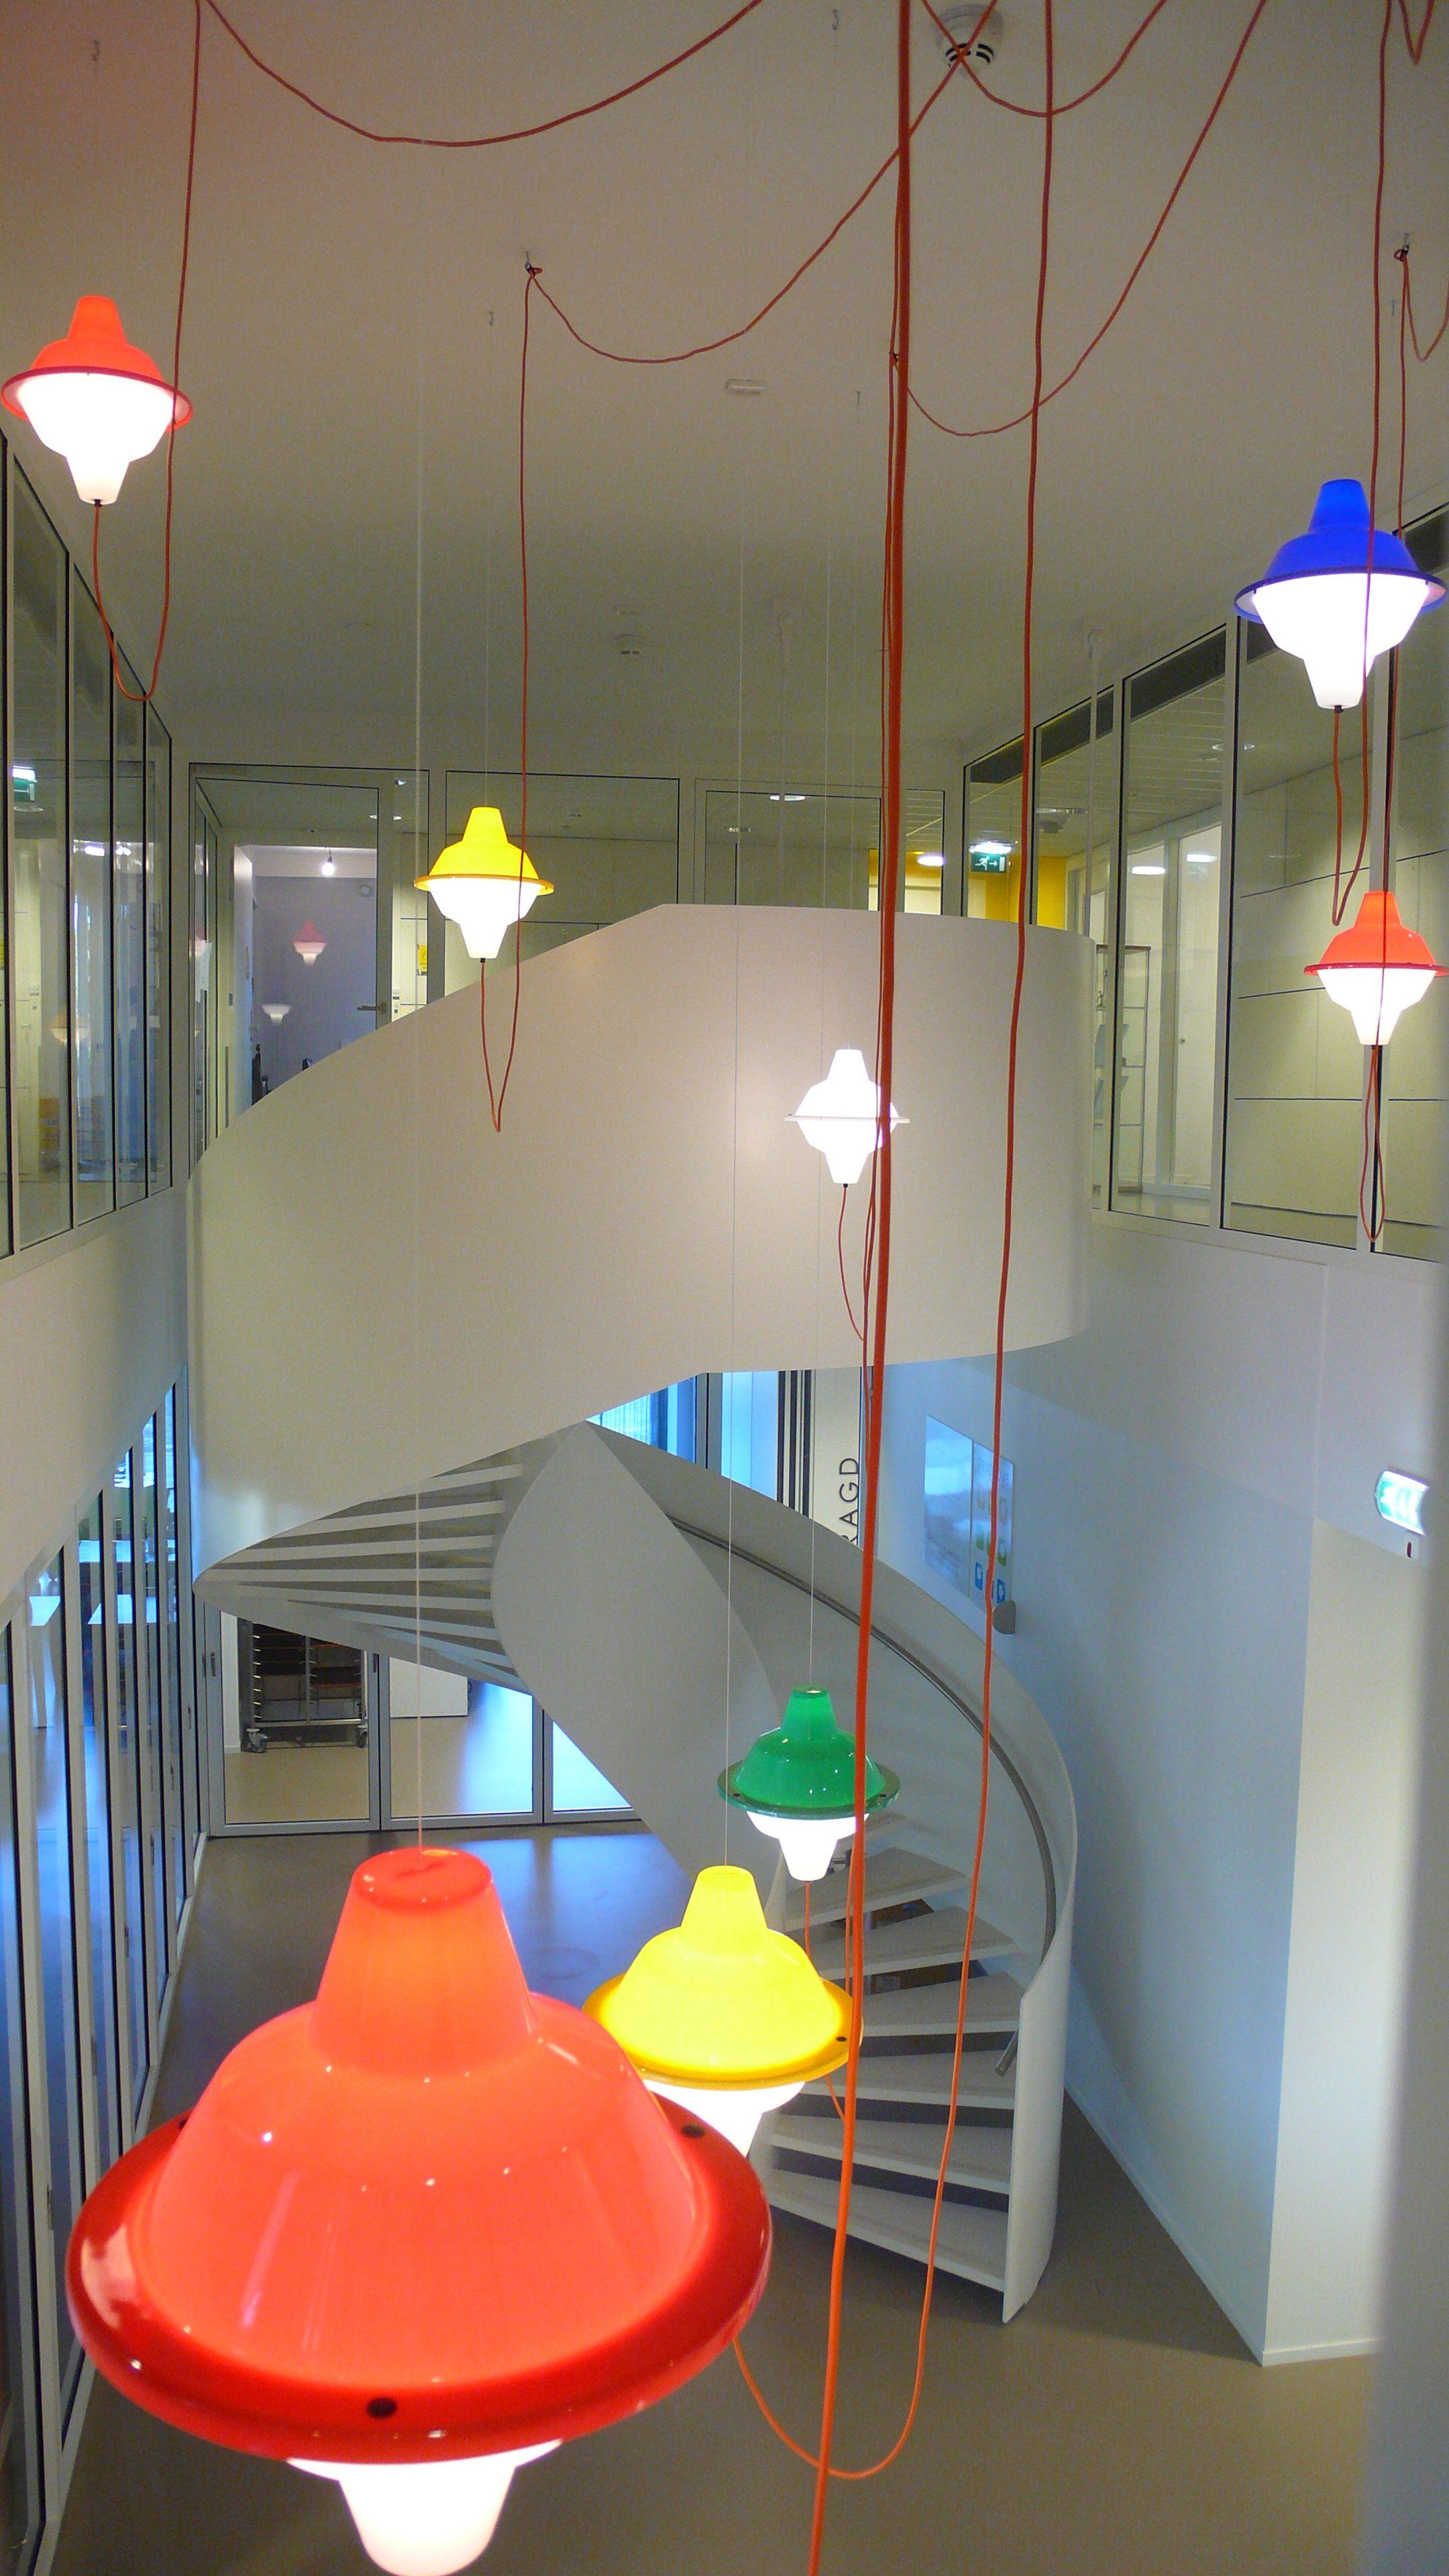 La lampada a sospensione Major Tomin una installazione (courtesy: Jack Brandsman)